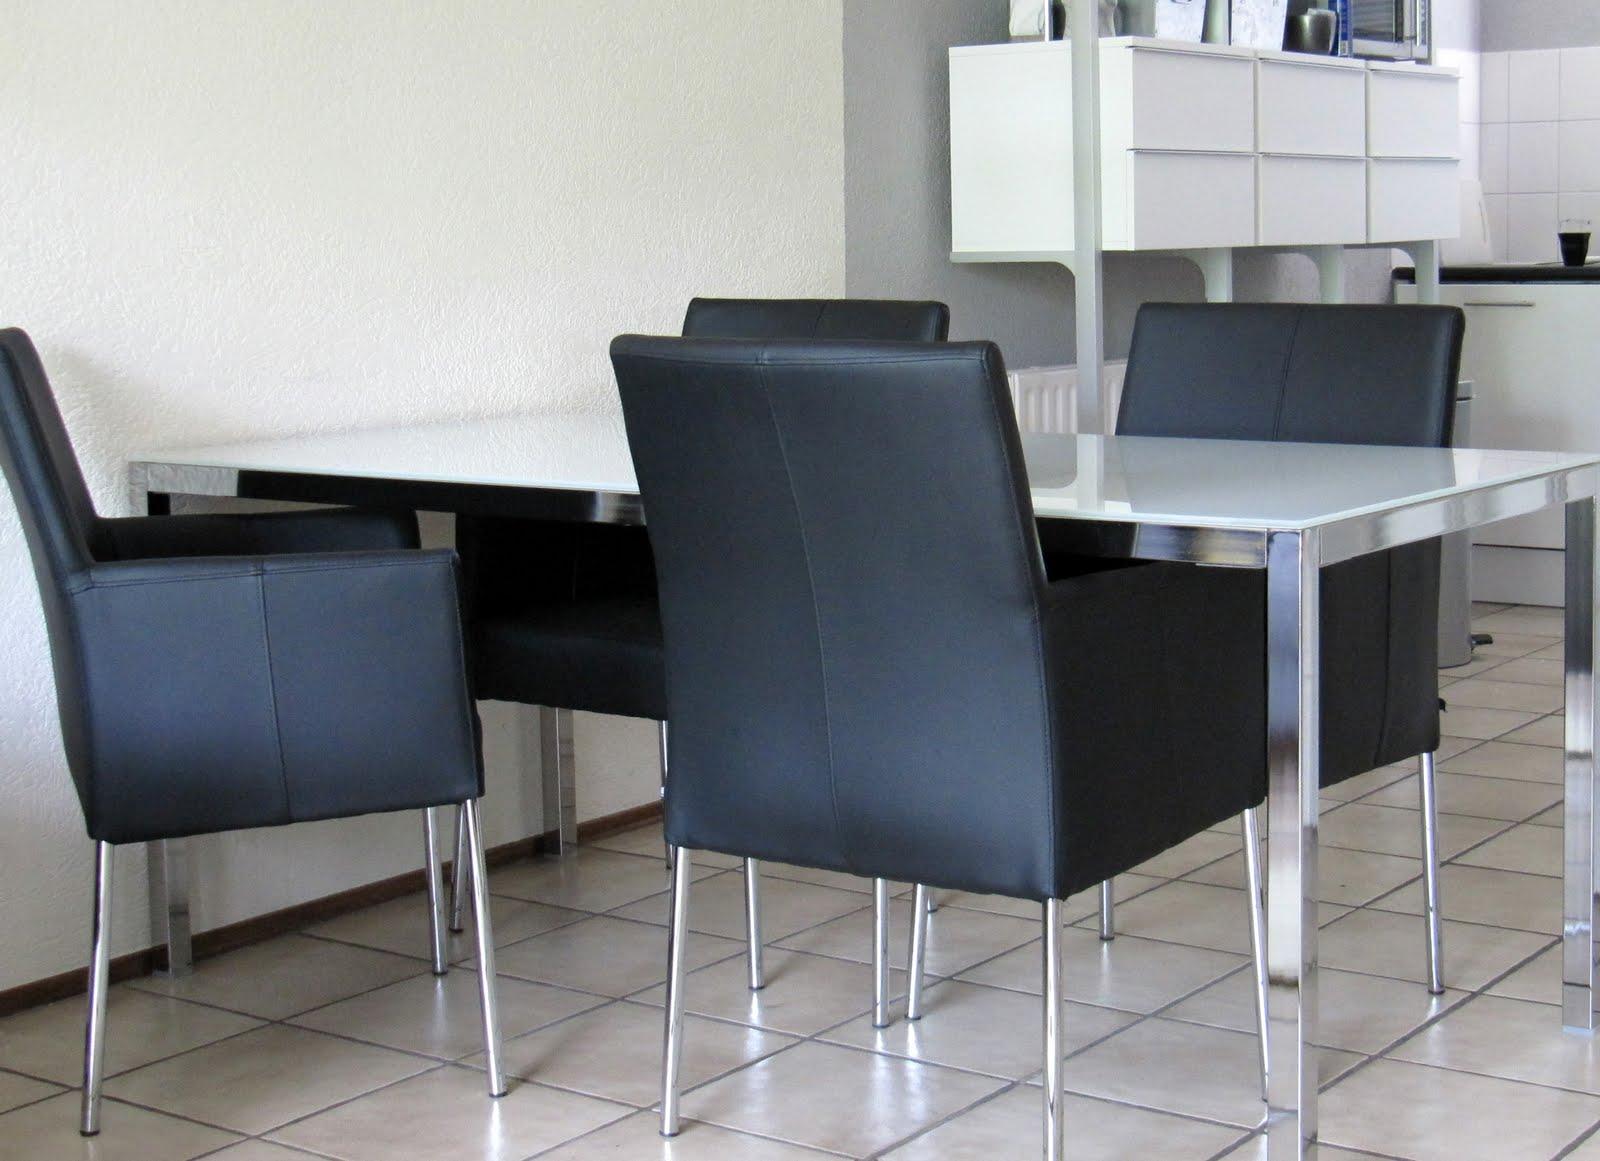 Witte tafel ikea ikea melltorp tafel wit noord europa stijl